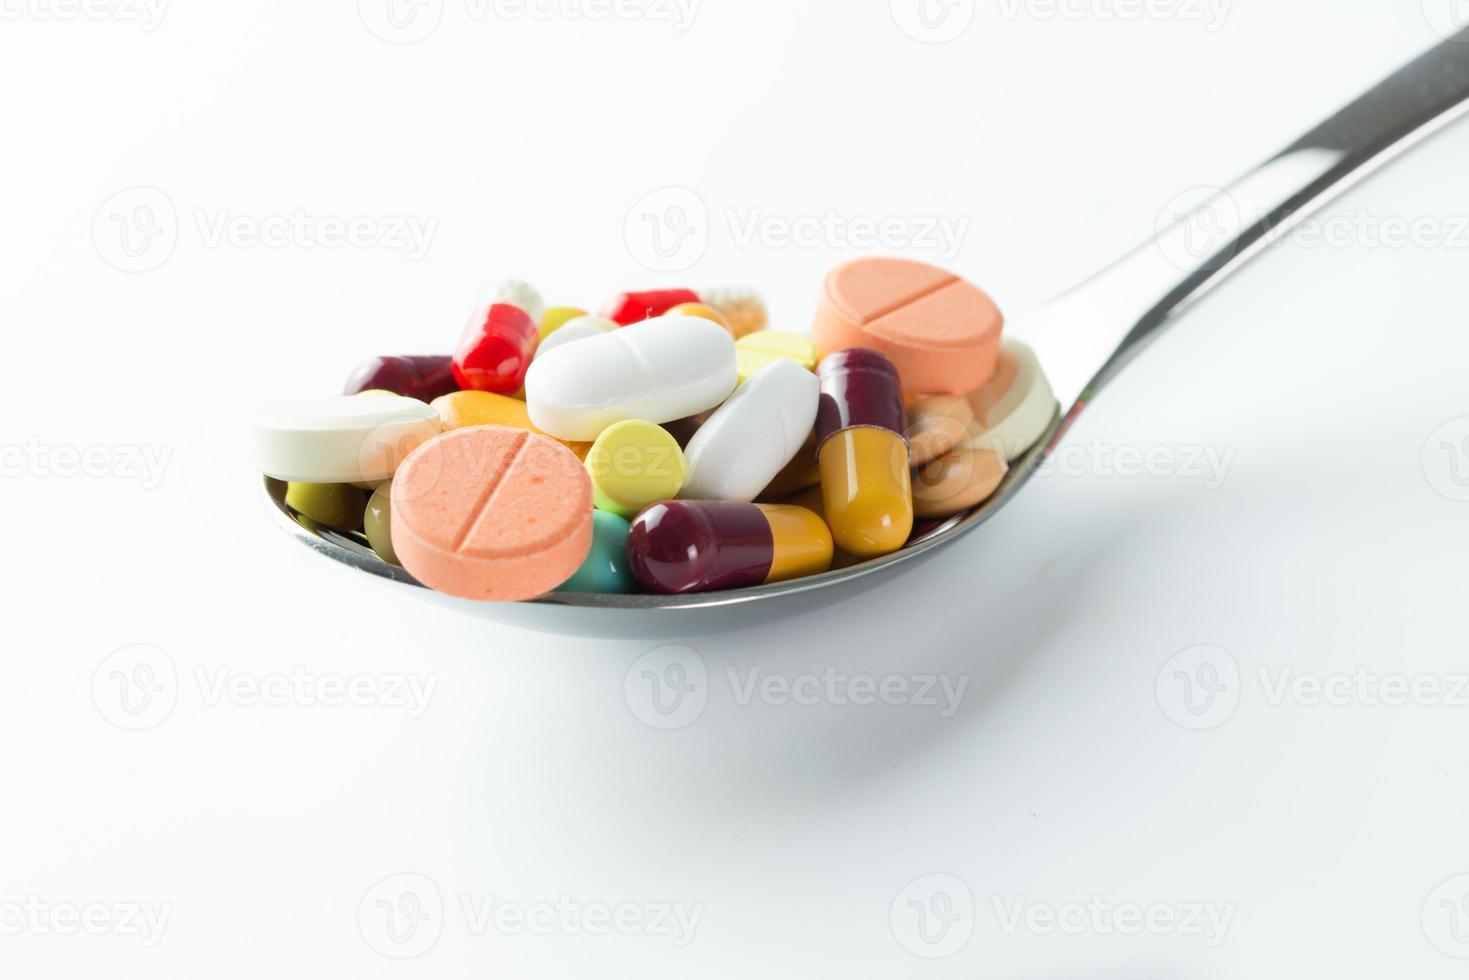 colher cheia de comprimidos de medicamento foto